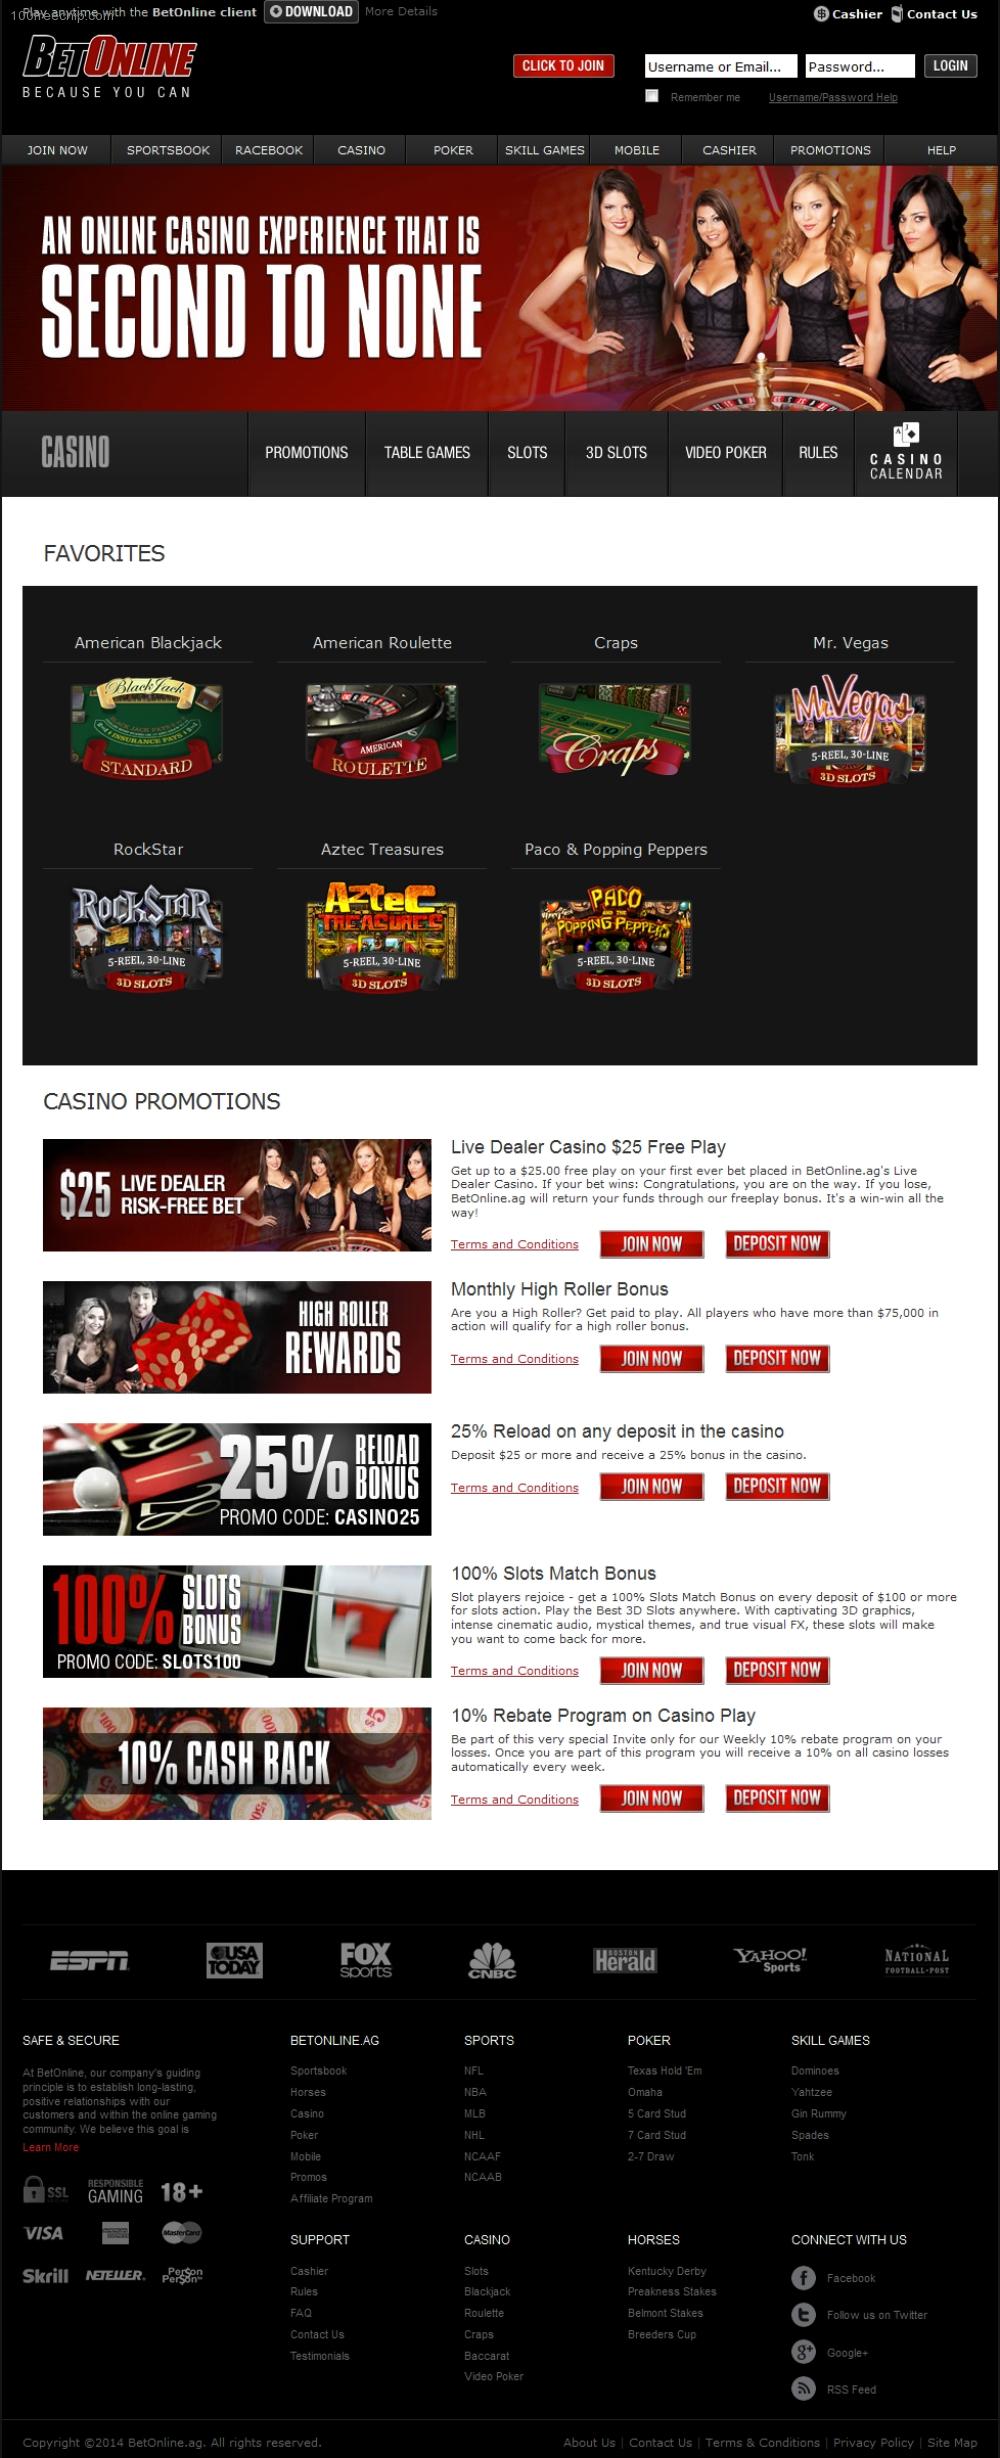 Accepting amex casino diner flash bellagio resort casino las vegas